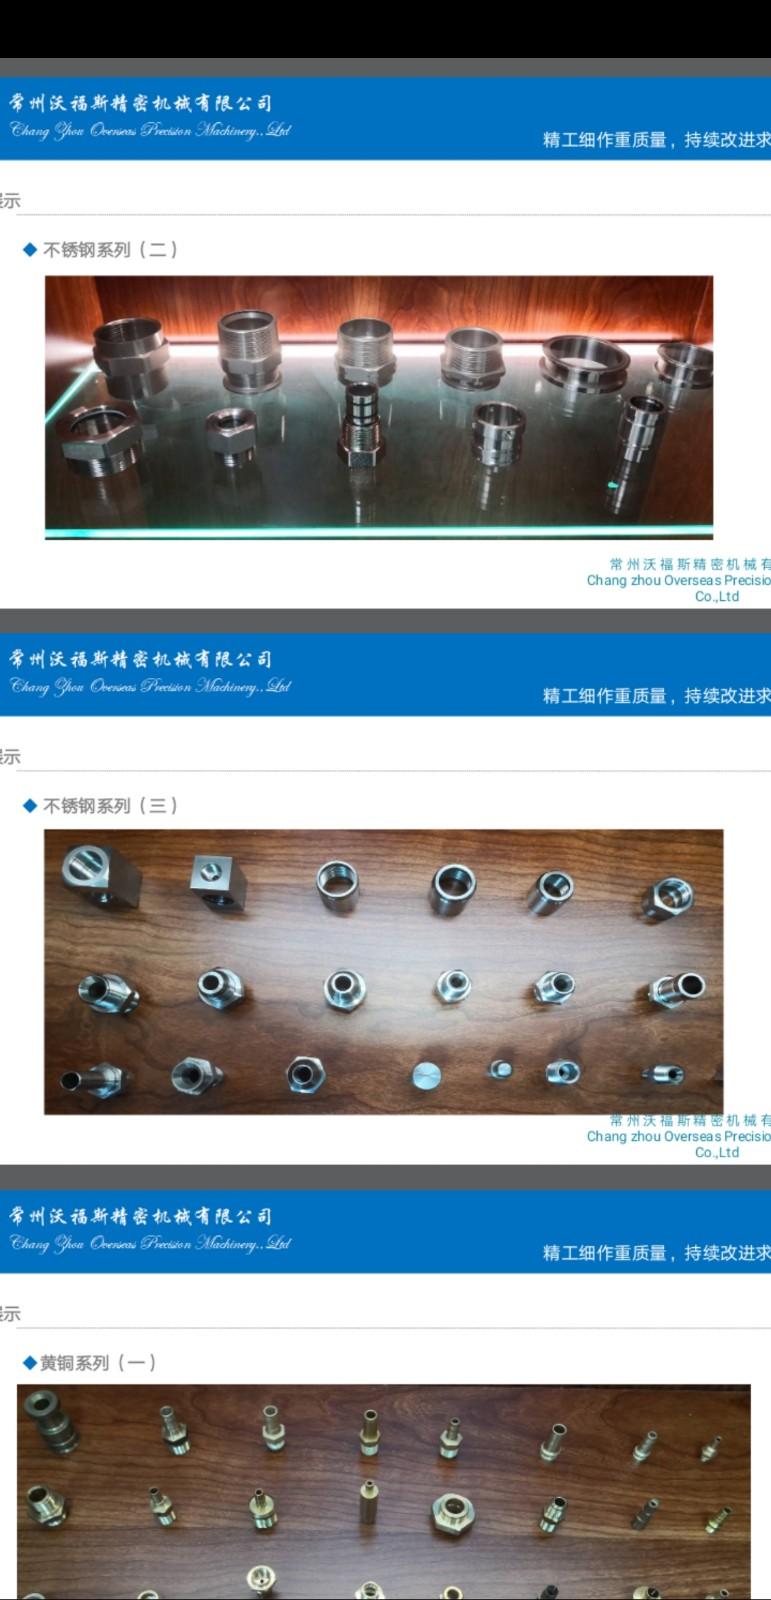 Screenshot_20190617_122927_cn.wps.moffice_eng.jpg